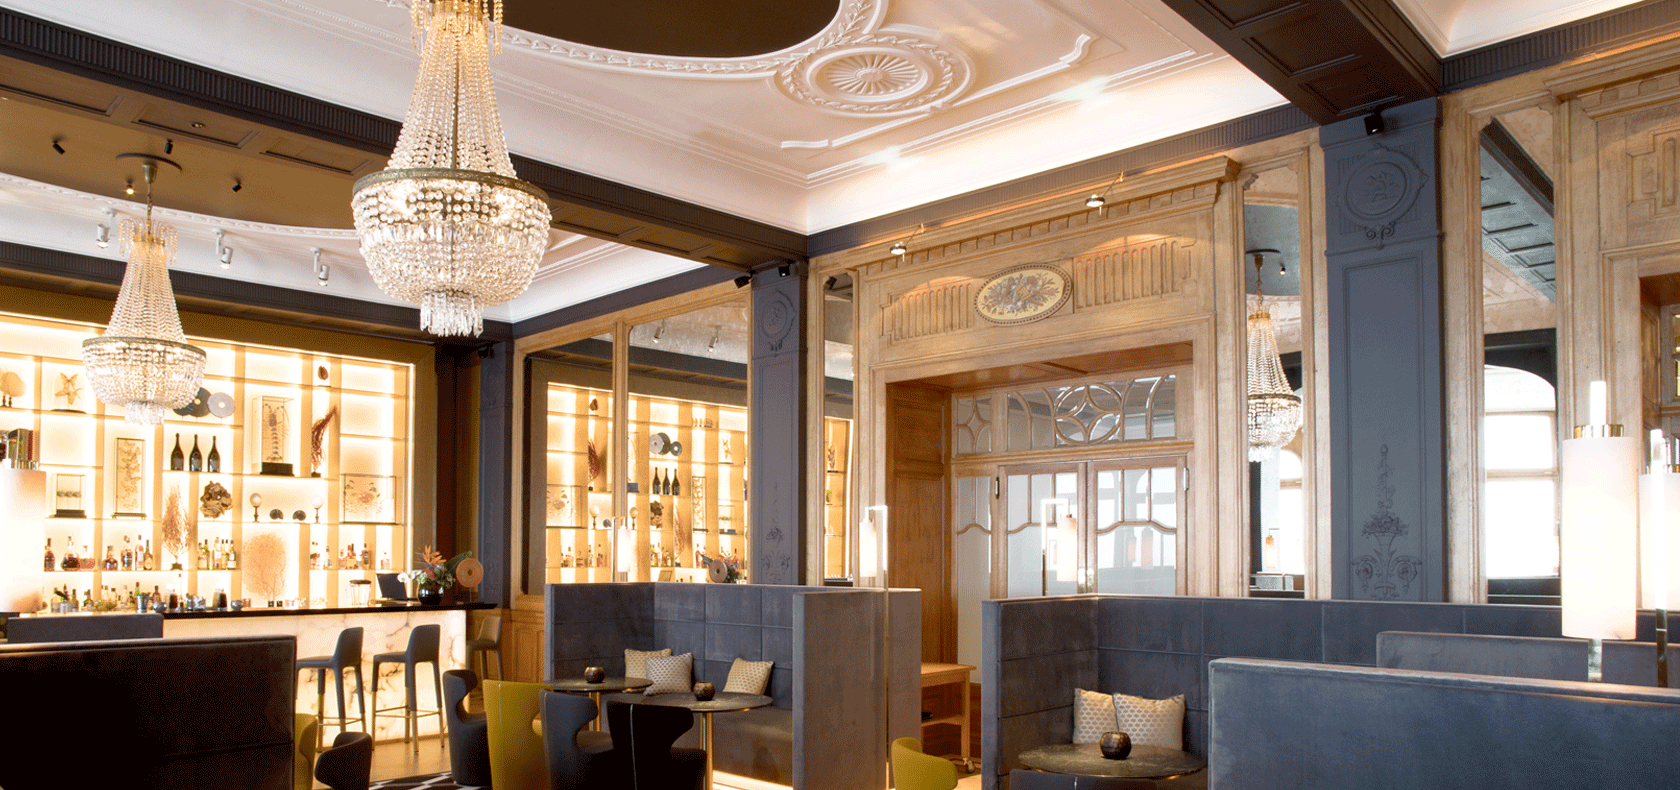 Bellevue-Restaurant-Glion